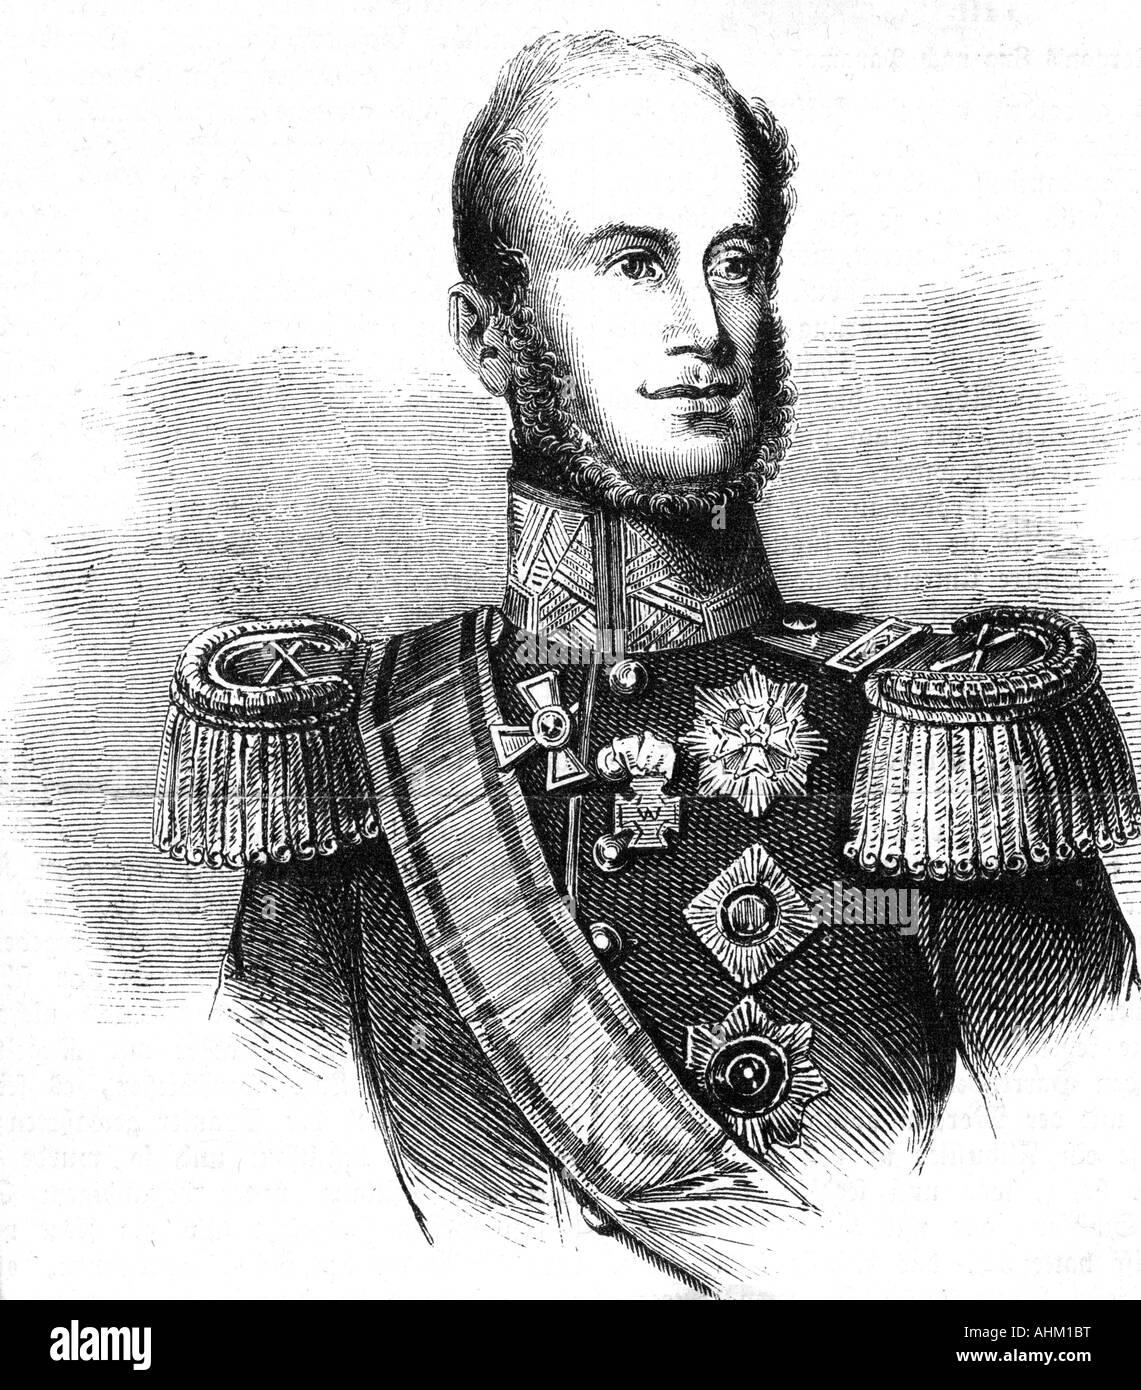 Guillermo I, 24.8.1772 - 12.12.1843, Rey de los Países Bajos 16.3.1814 - 7.10.1840, retrato, grabado, del siglo Imagen De Stock